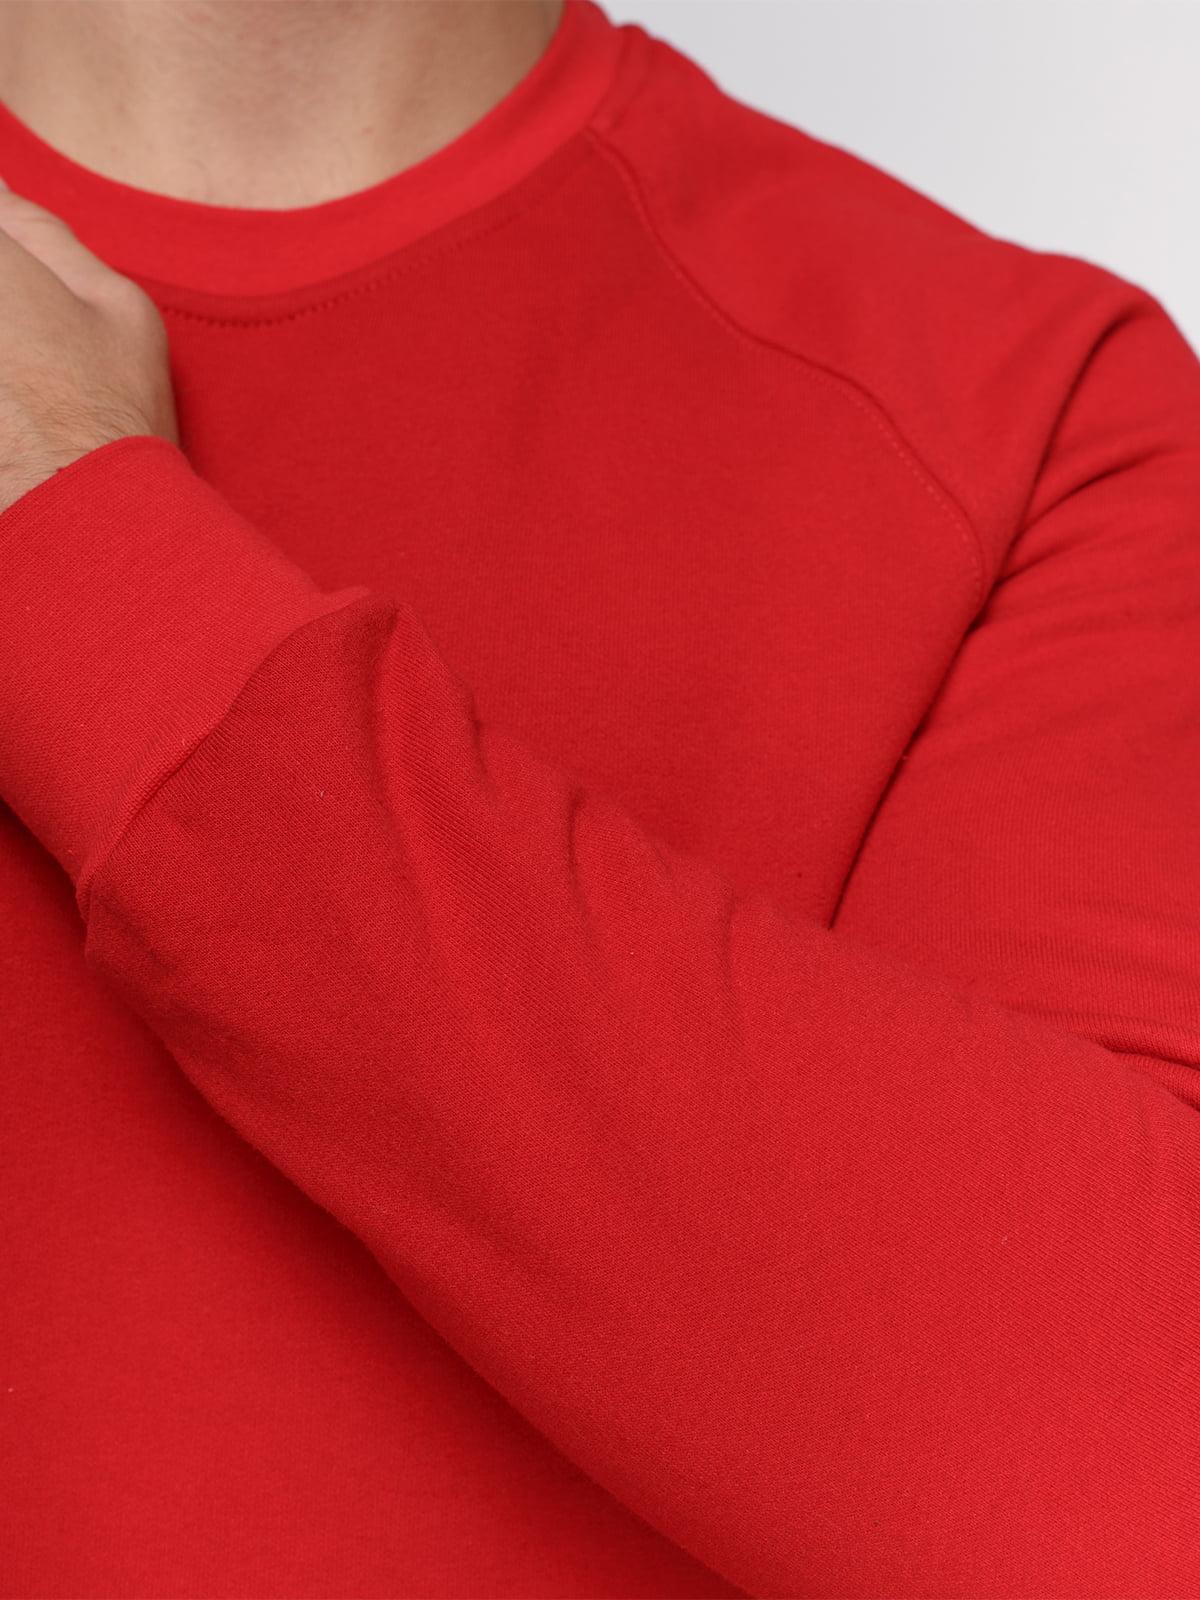 Свитшот красный с начесом | 4768998 | фото 3